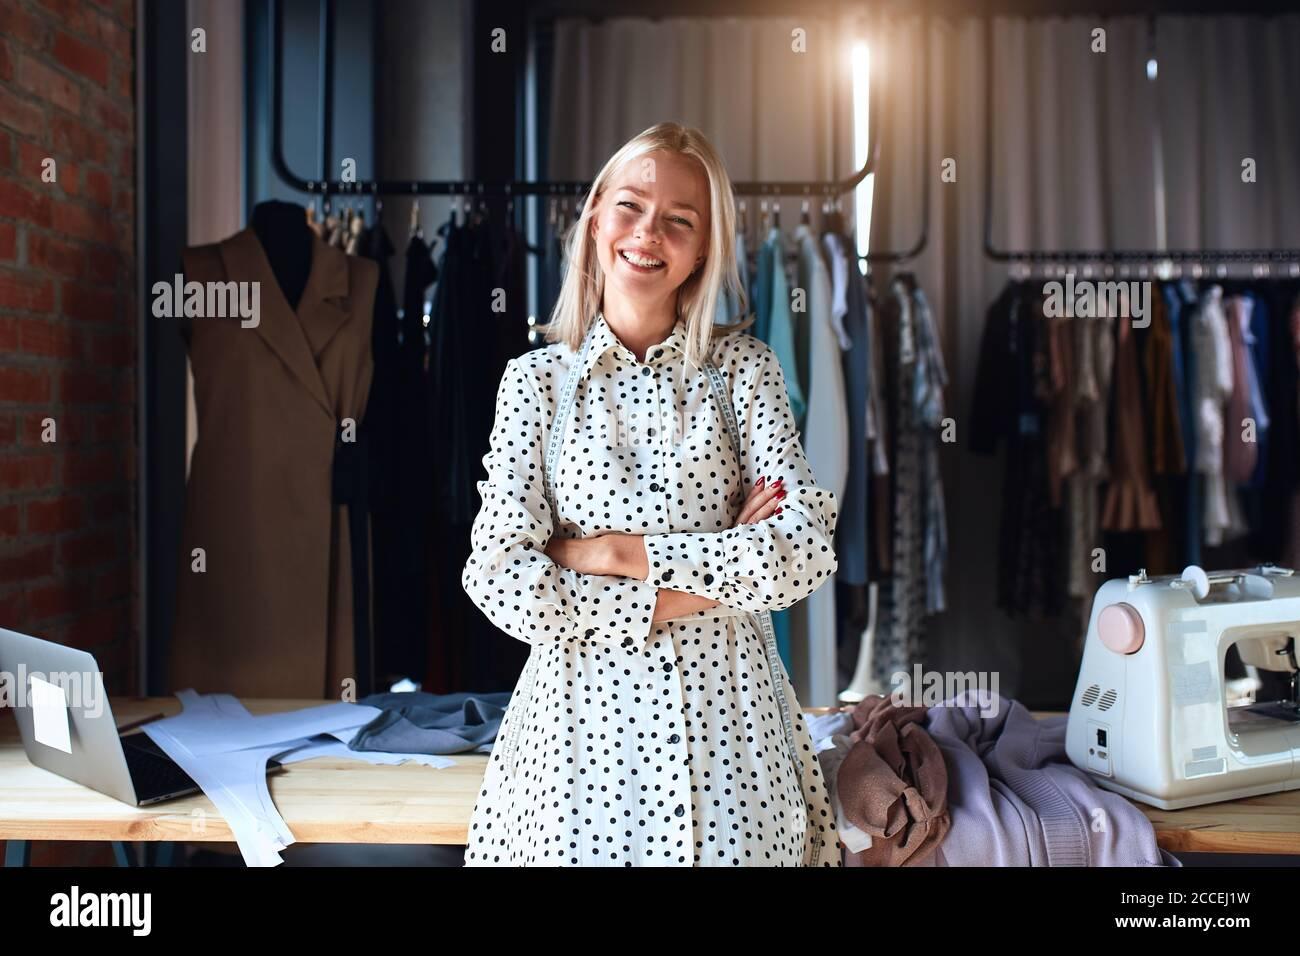 Hermoso puesto de diseñador de moda caucásico y felizmente sonrisa en el lugar de trabajo, mirar la cámara. Vestido con vestido blanco. Estudio de diseño de fondo Foto de stock